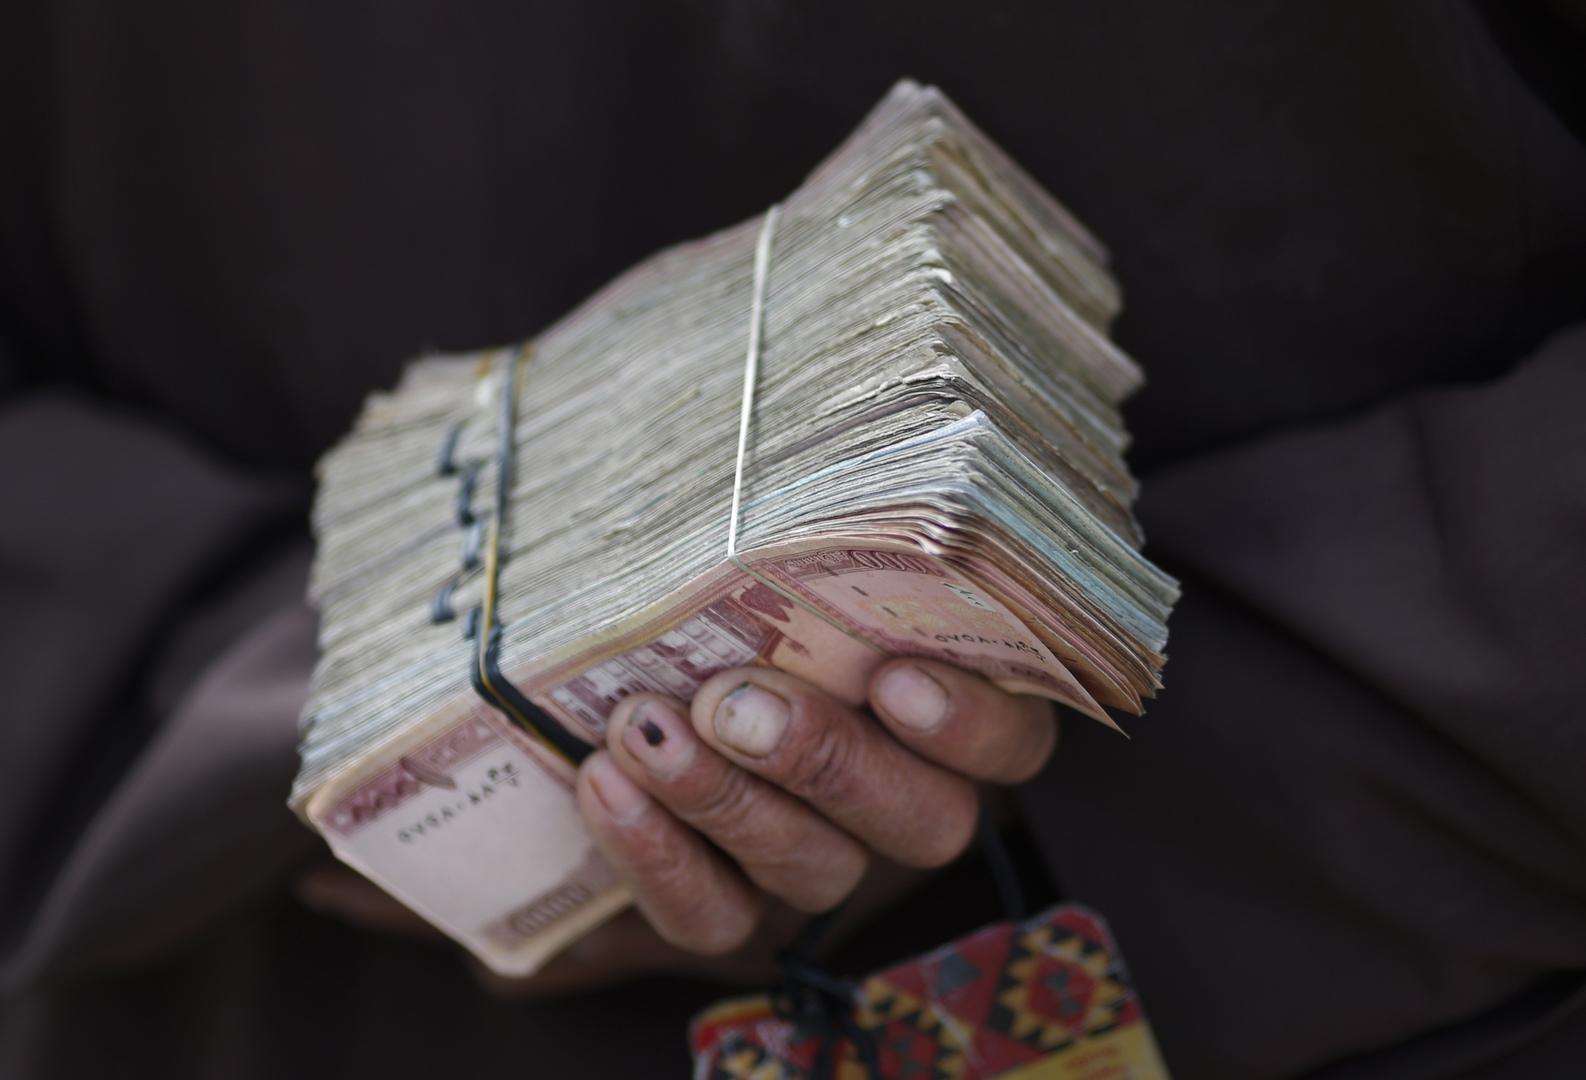 رئيس البنك المركزي الأفغاني: احتياطيات البنك المركزي لم تتعرض للخطر